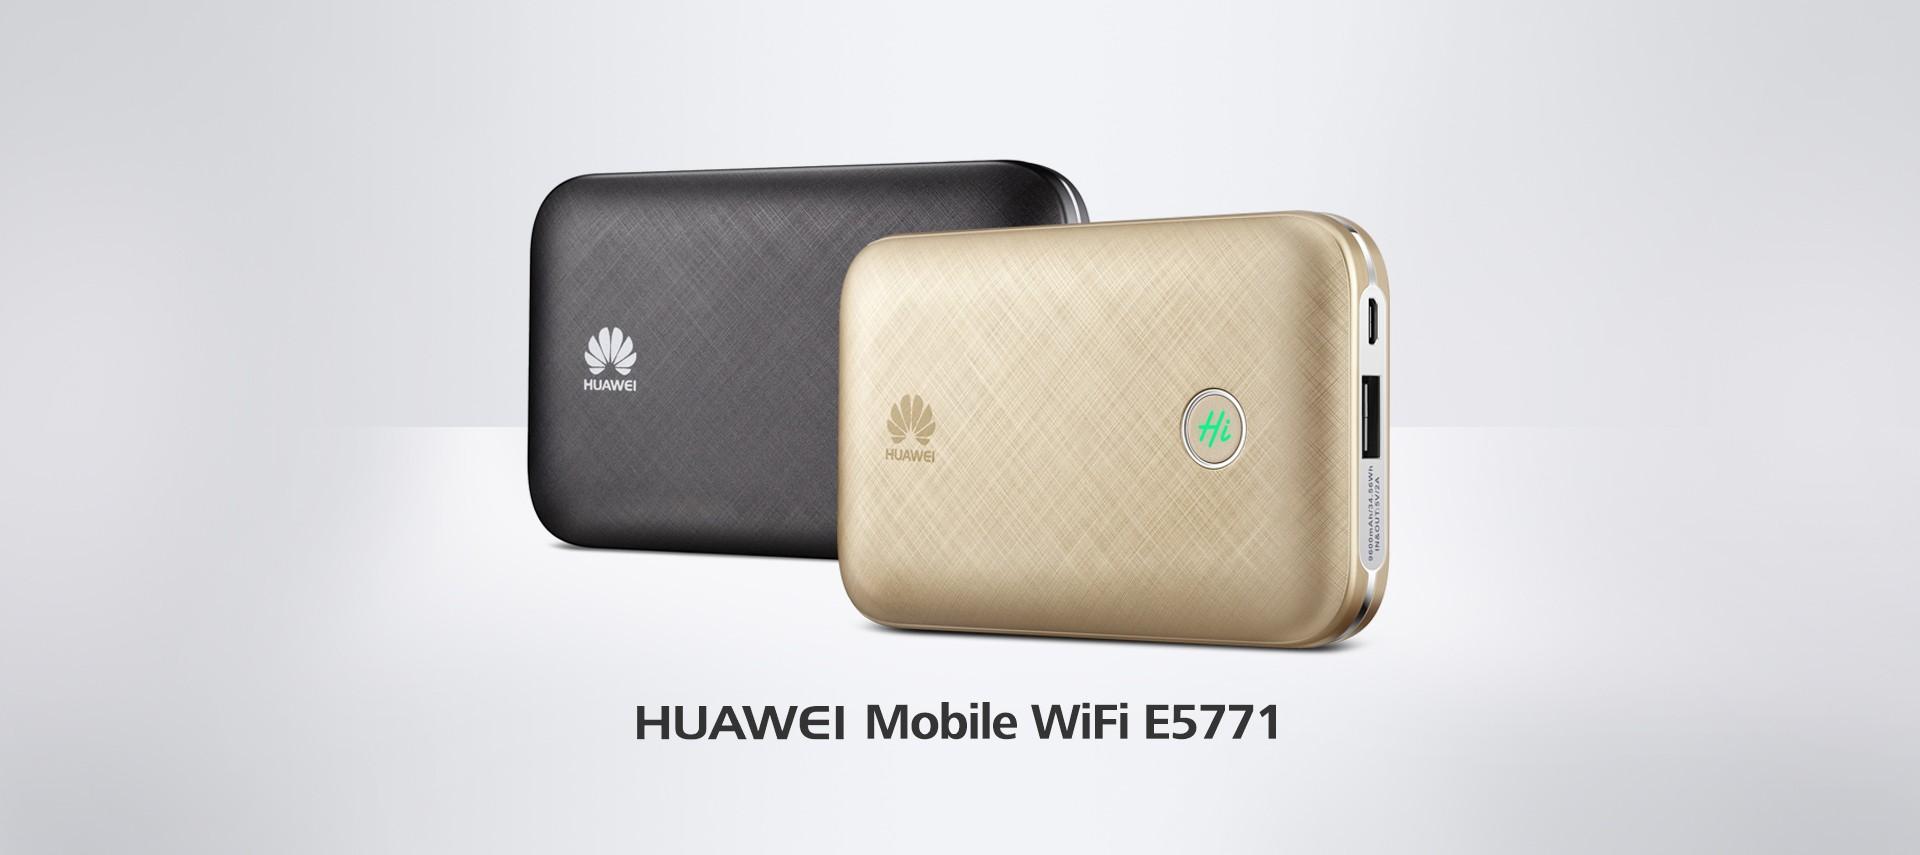 E5771, HUAWEI mobile WIFI, mobile-broadband, WIFI dongle